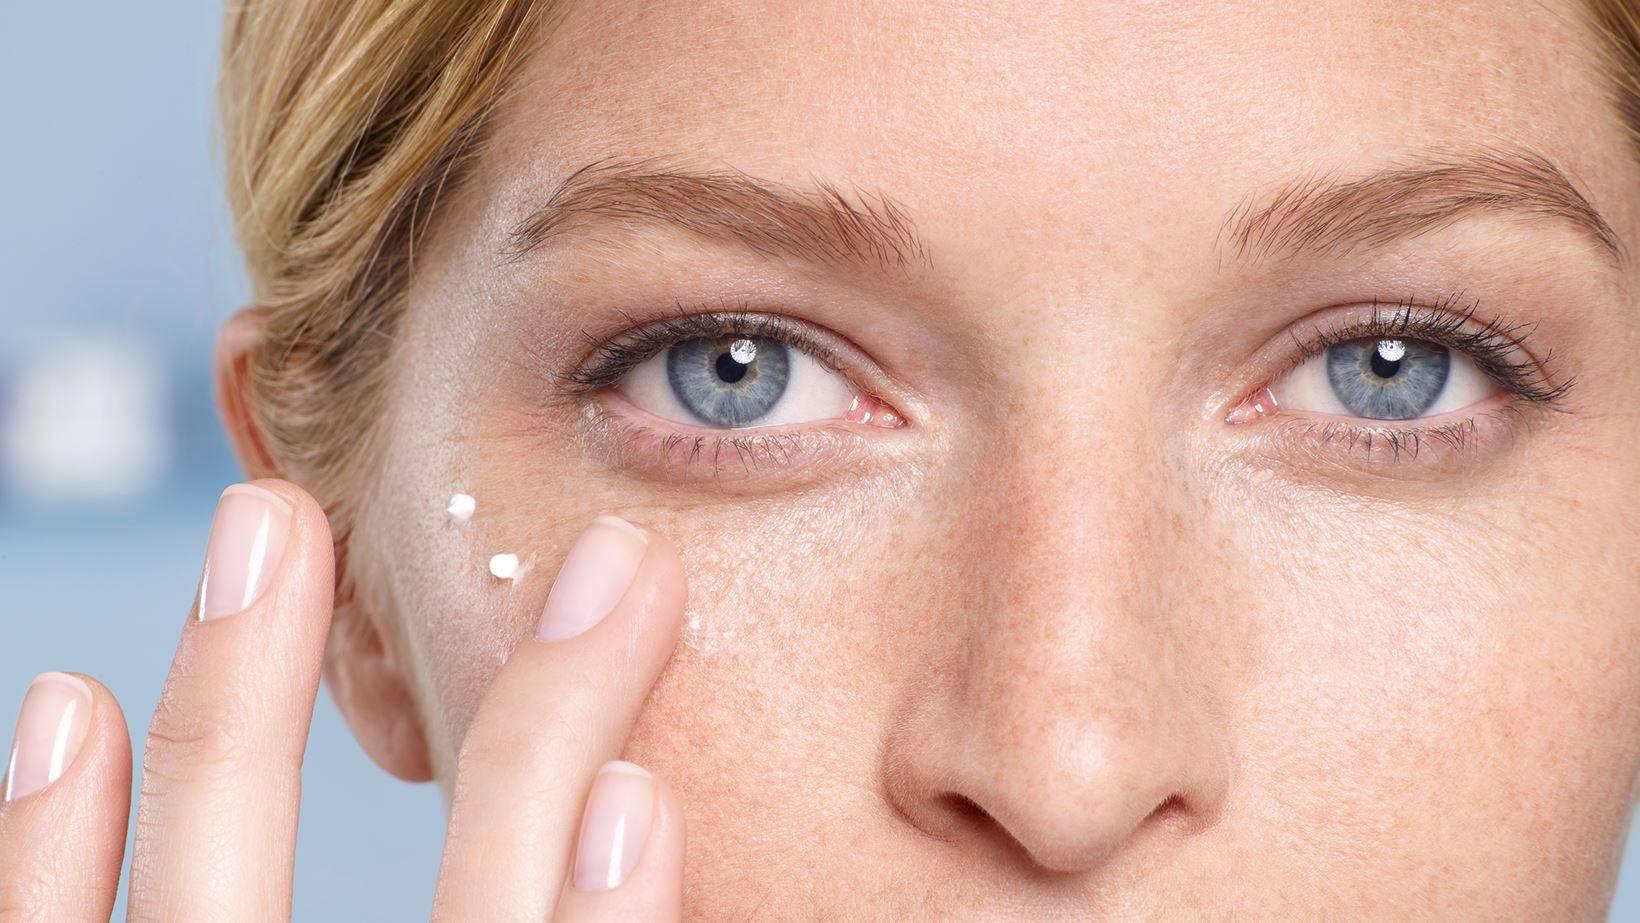 Абрикосовое масло от морщин на лице: лучшие рецепты домашнего применения